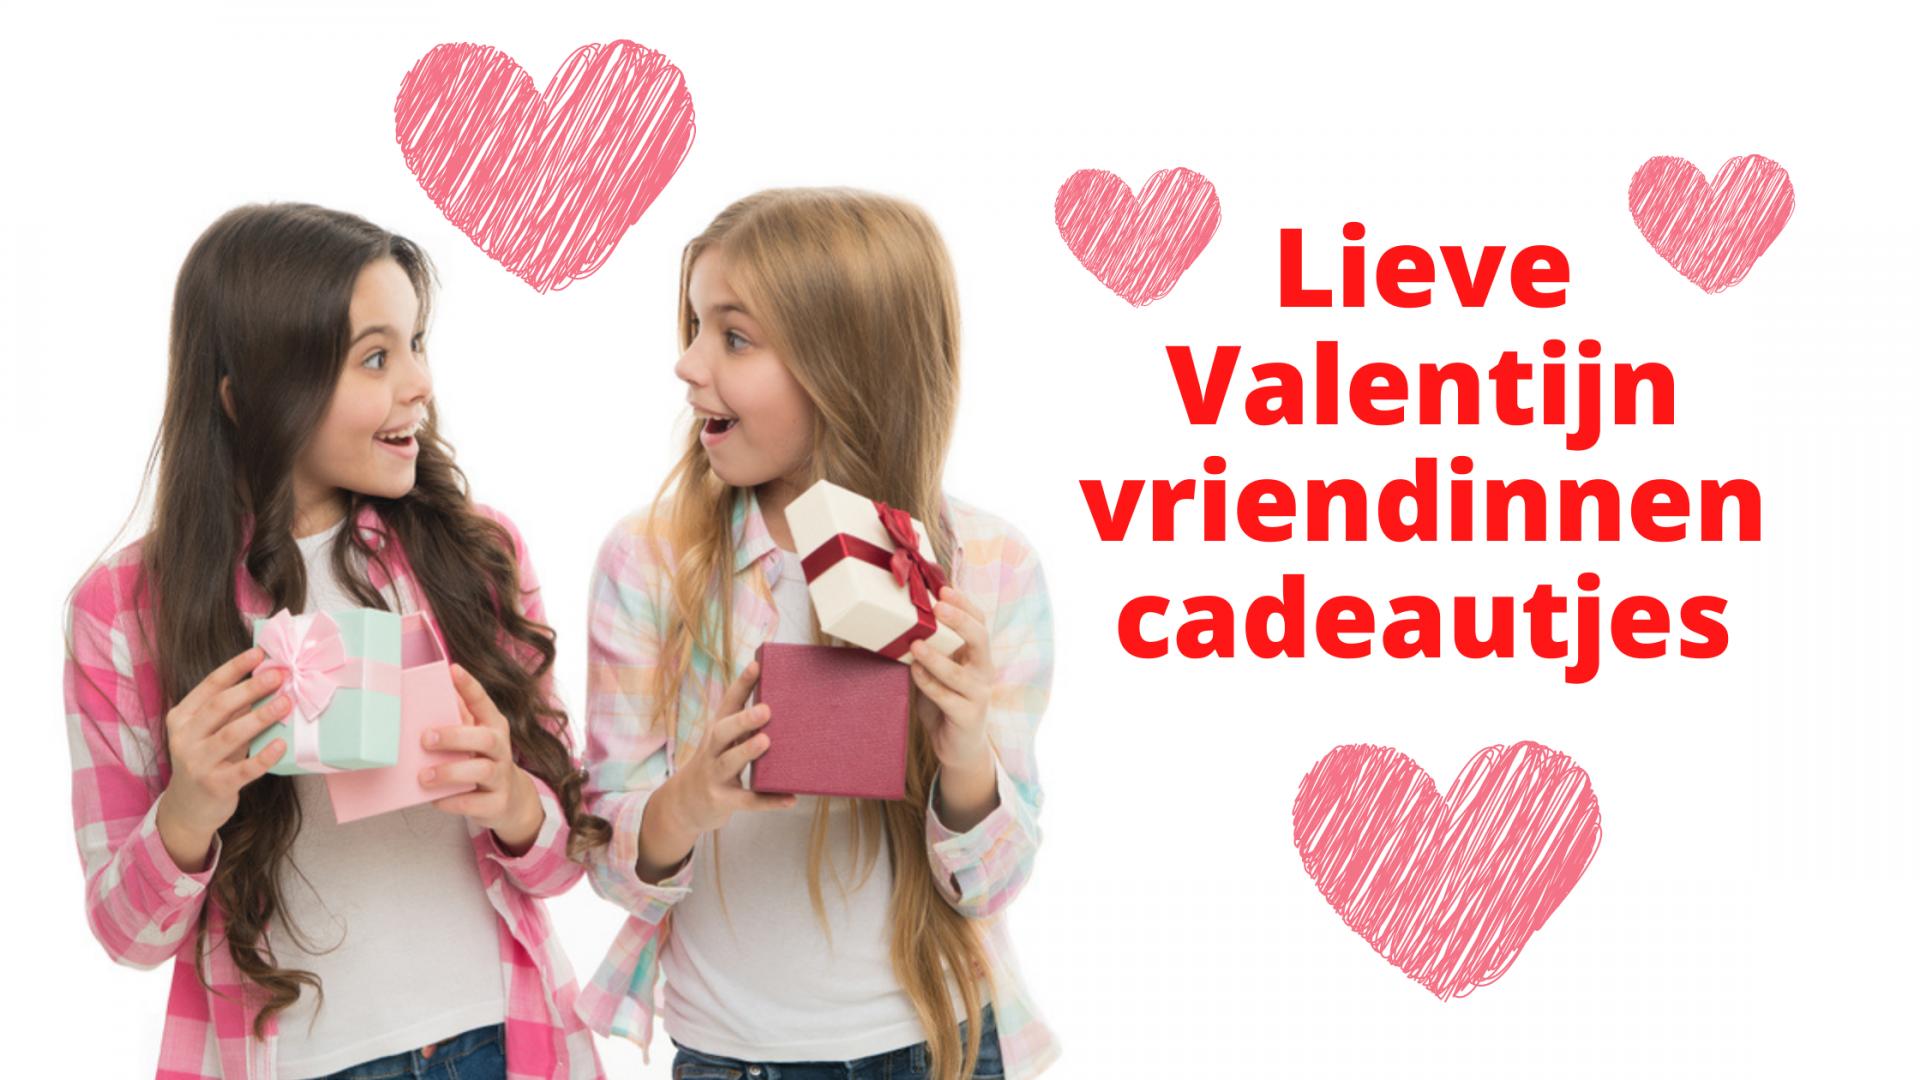 Valentijn Winactie | Lieve vriendinnen cadeautjes, zoals een vriendschapsketting